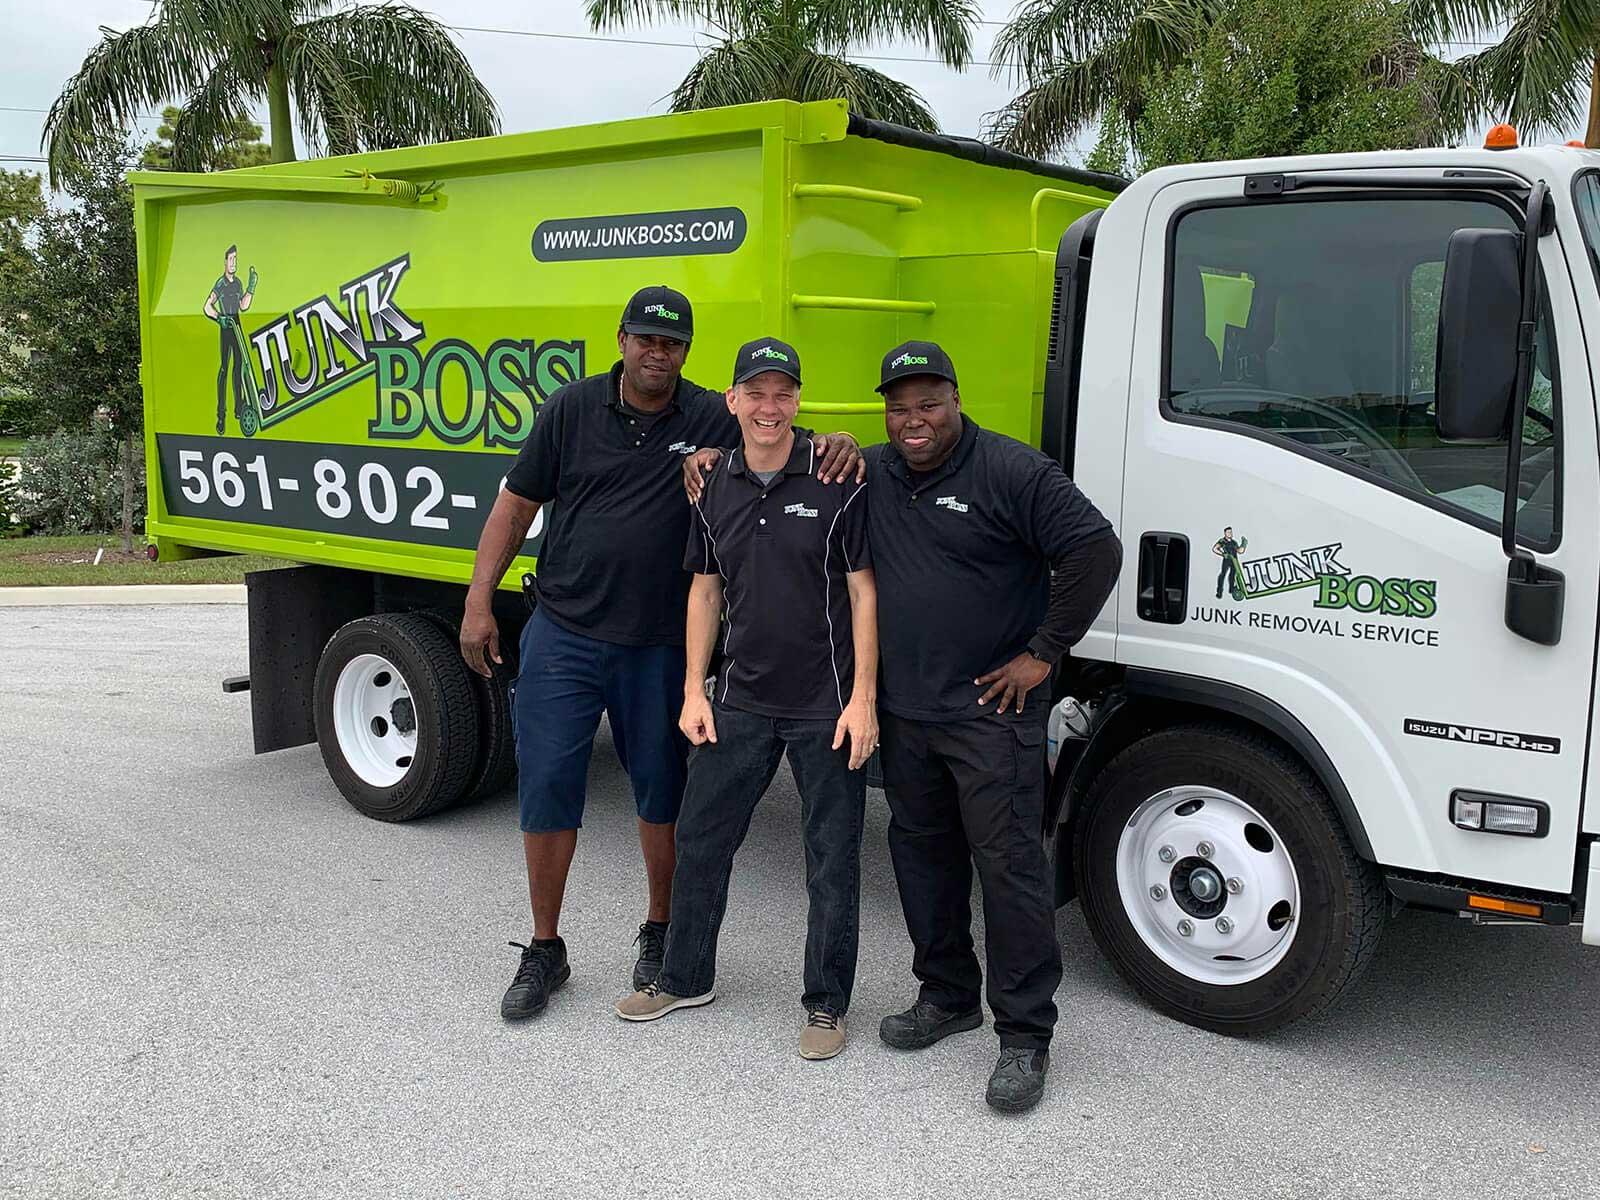 Junk Boss team beside the truck